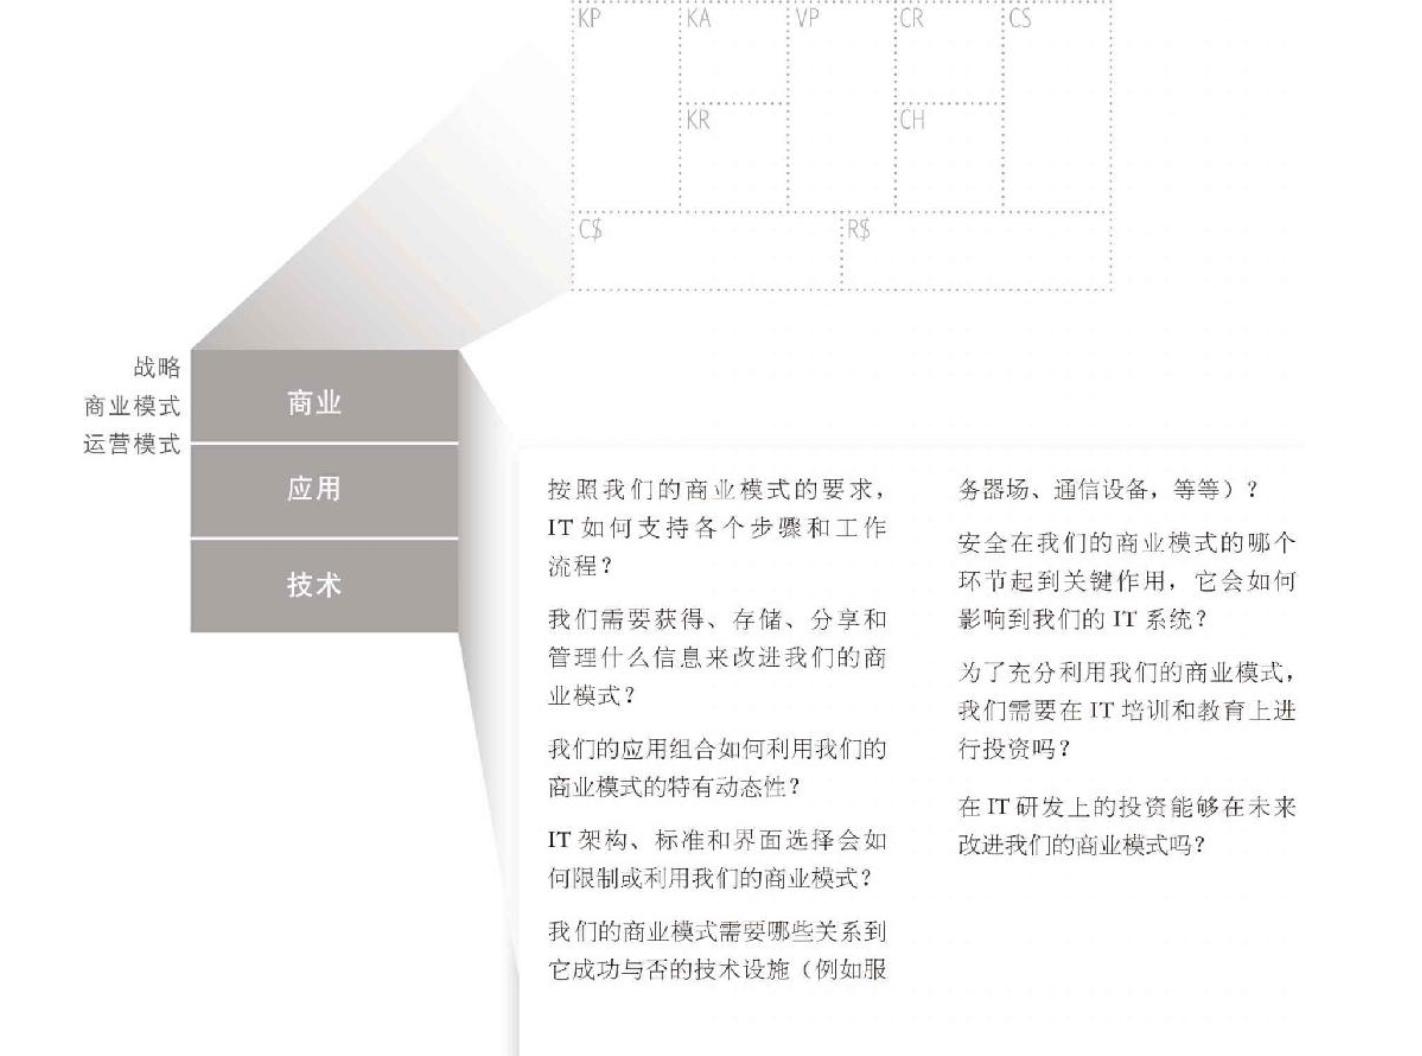 20190227-24-IT系统配合业务.jpg